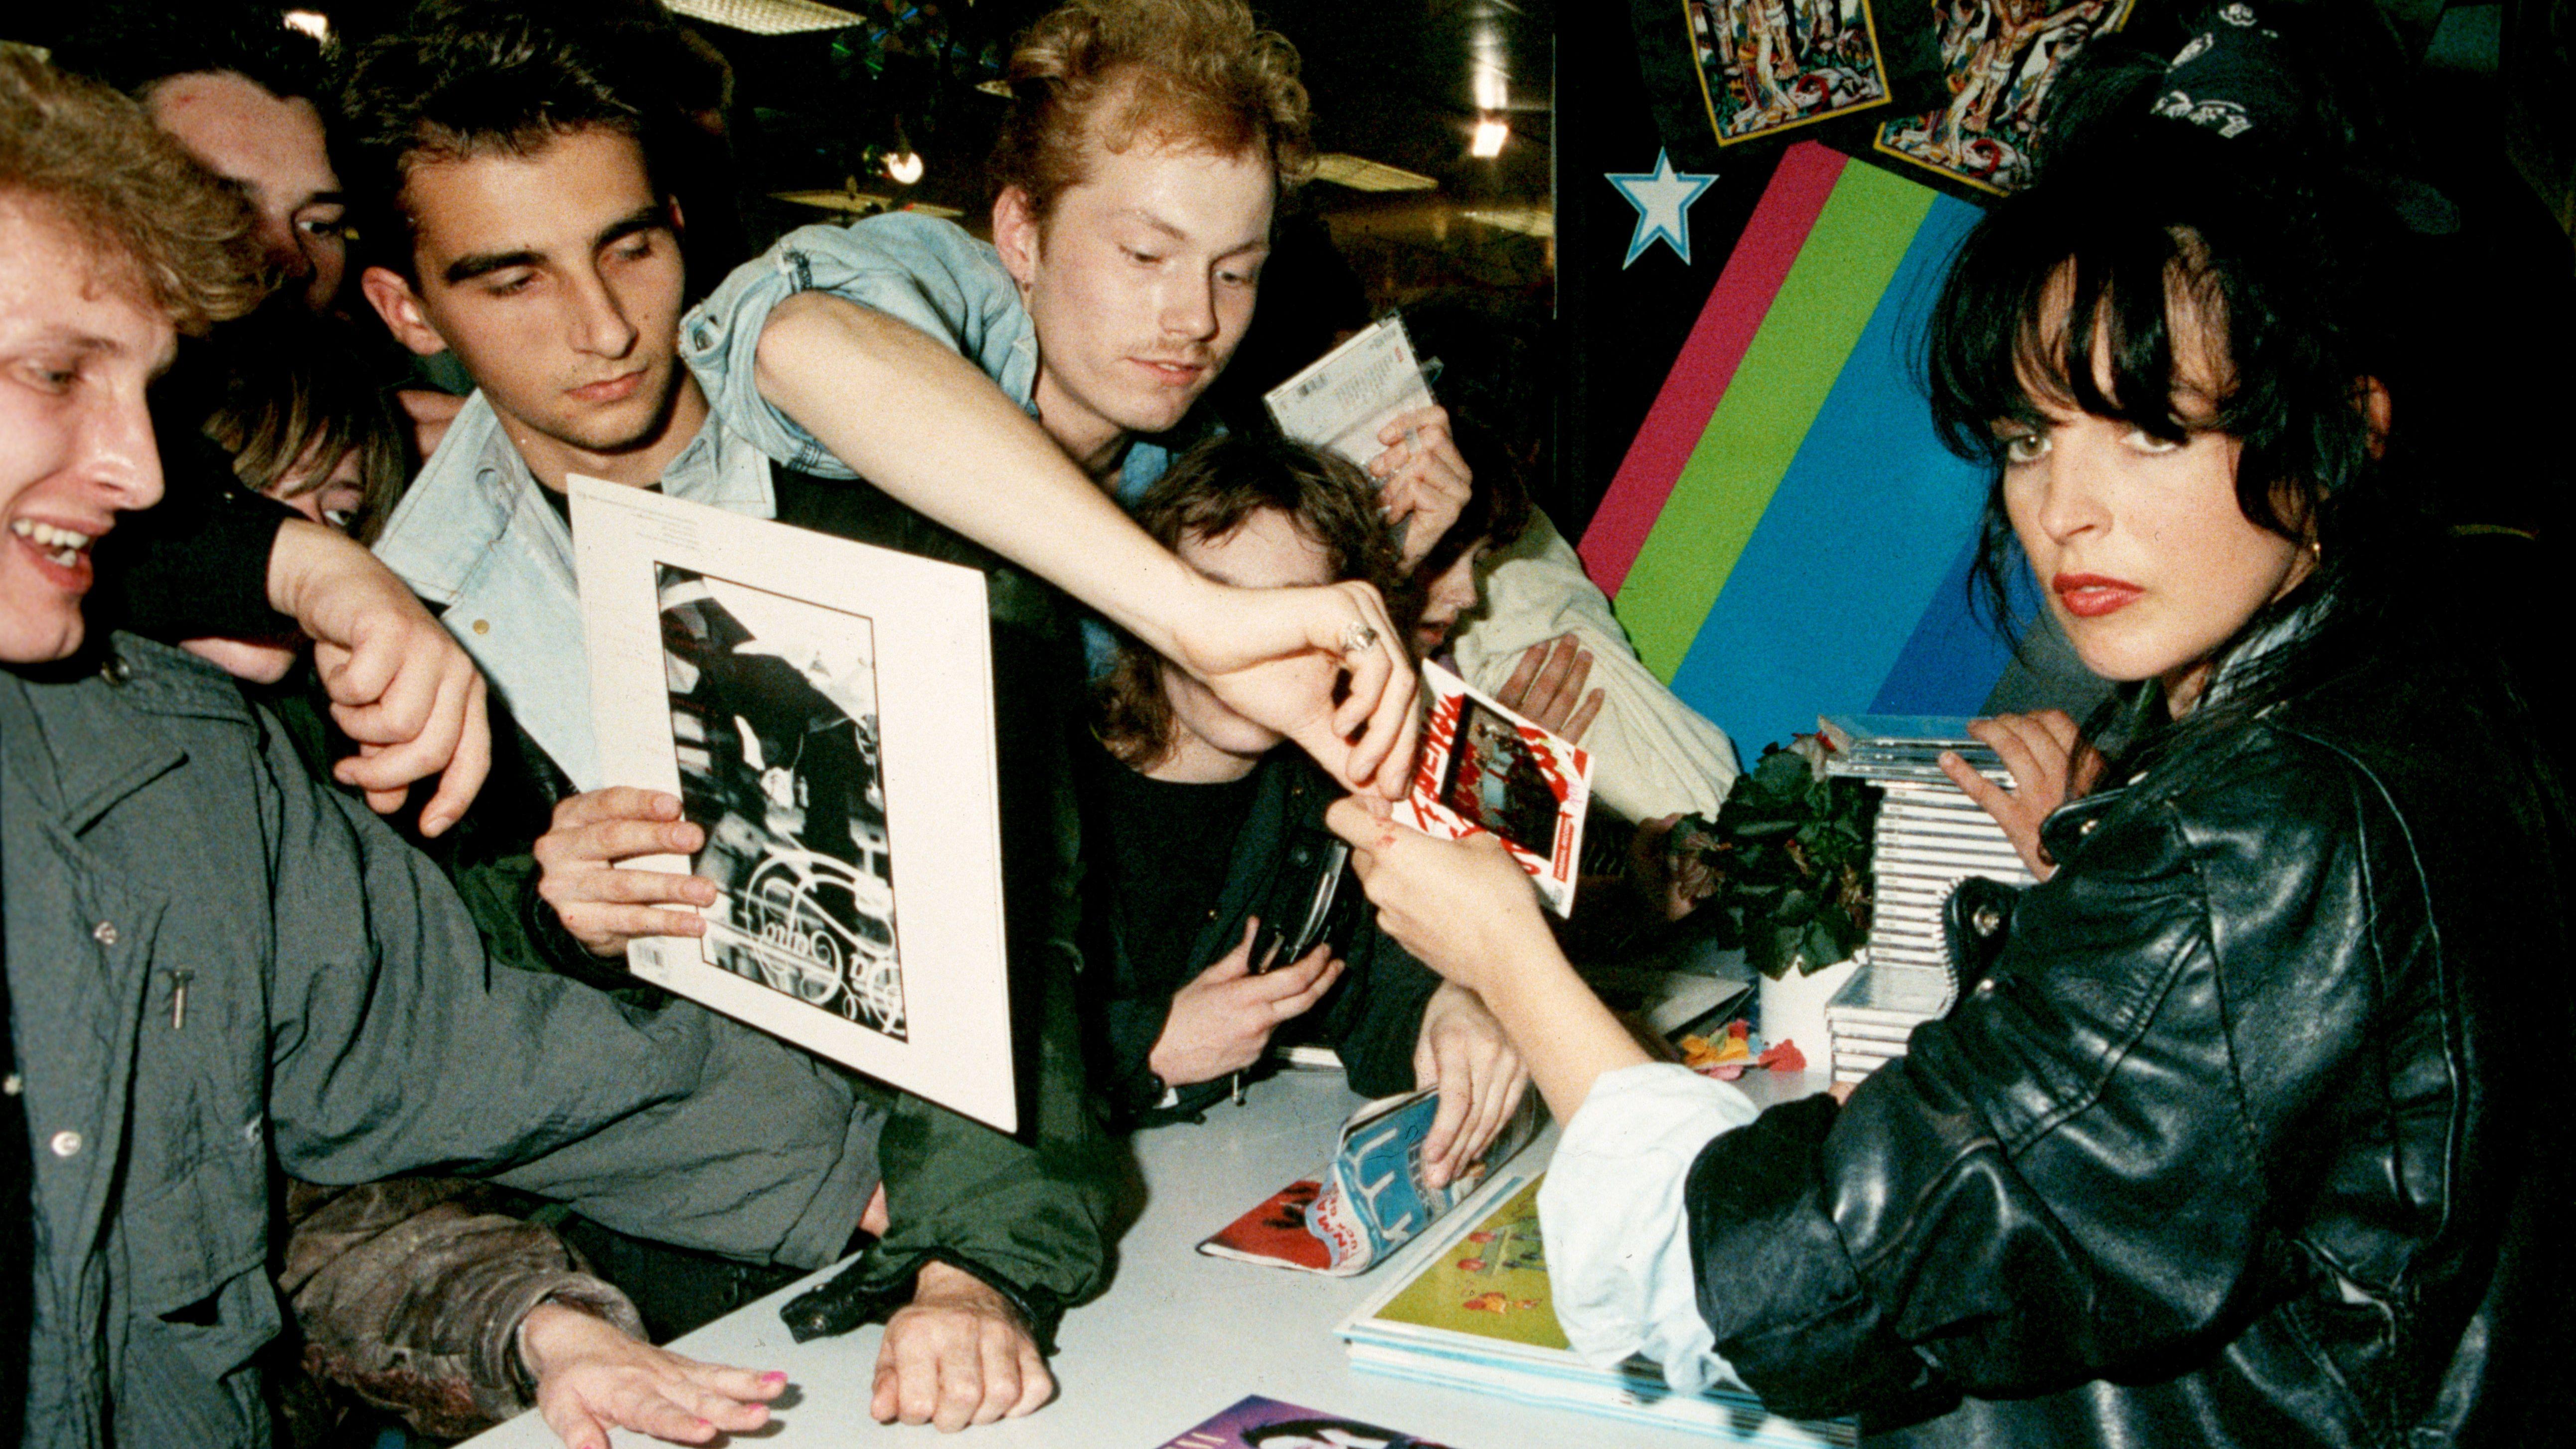 Nena 1990 bei einer Autogrammstunde in Ostberlin